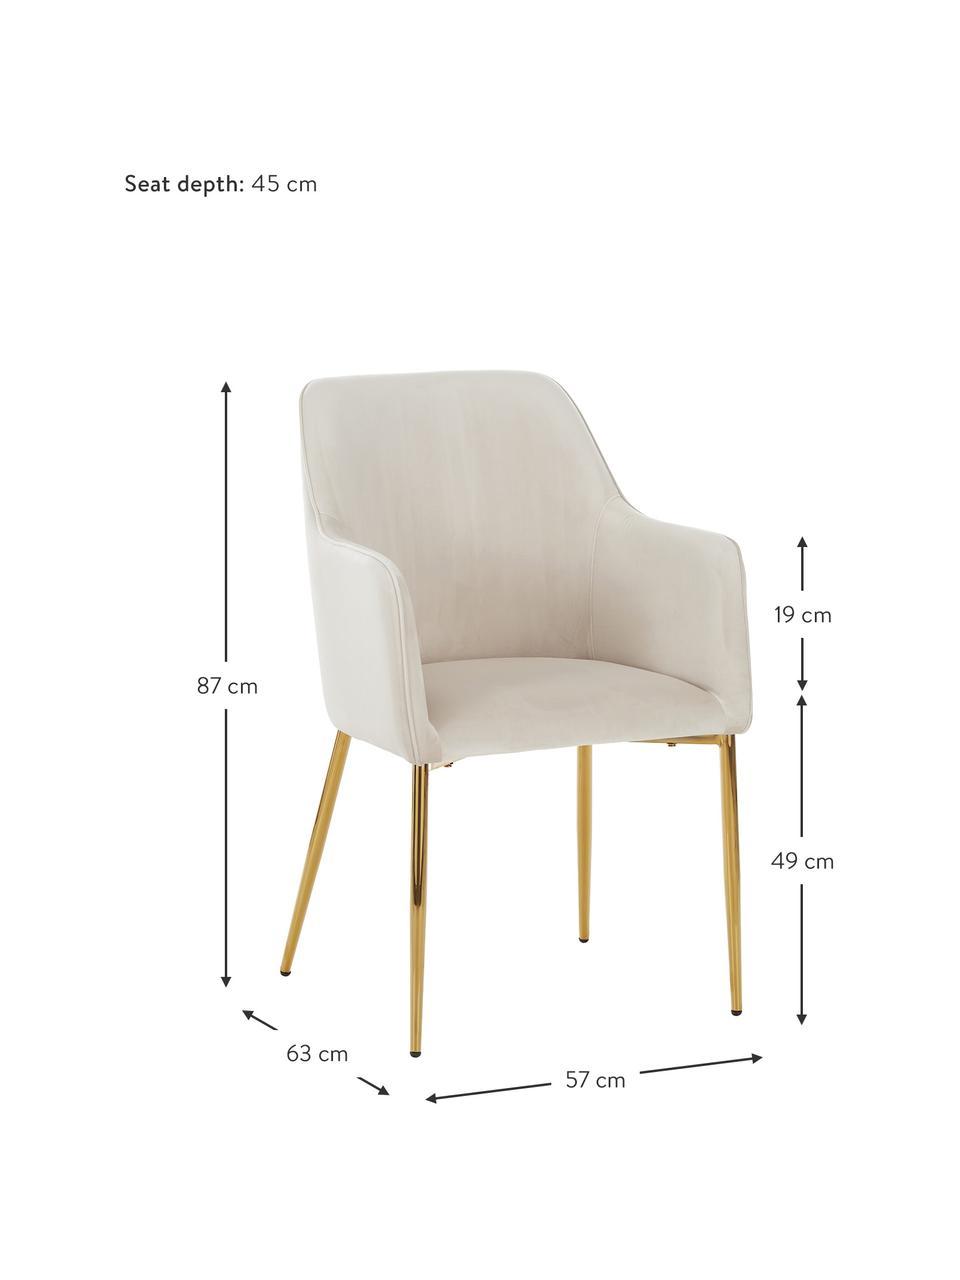 Sametová židle spodručkami Ava, Béžová Nohy: zlatá